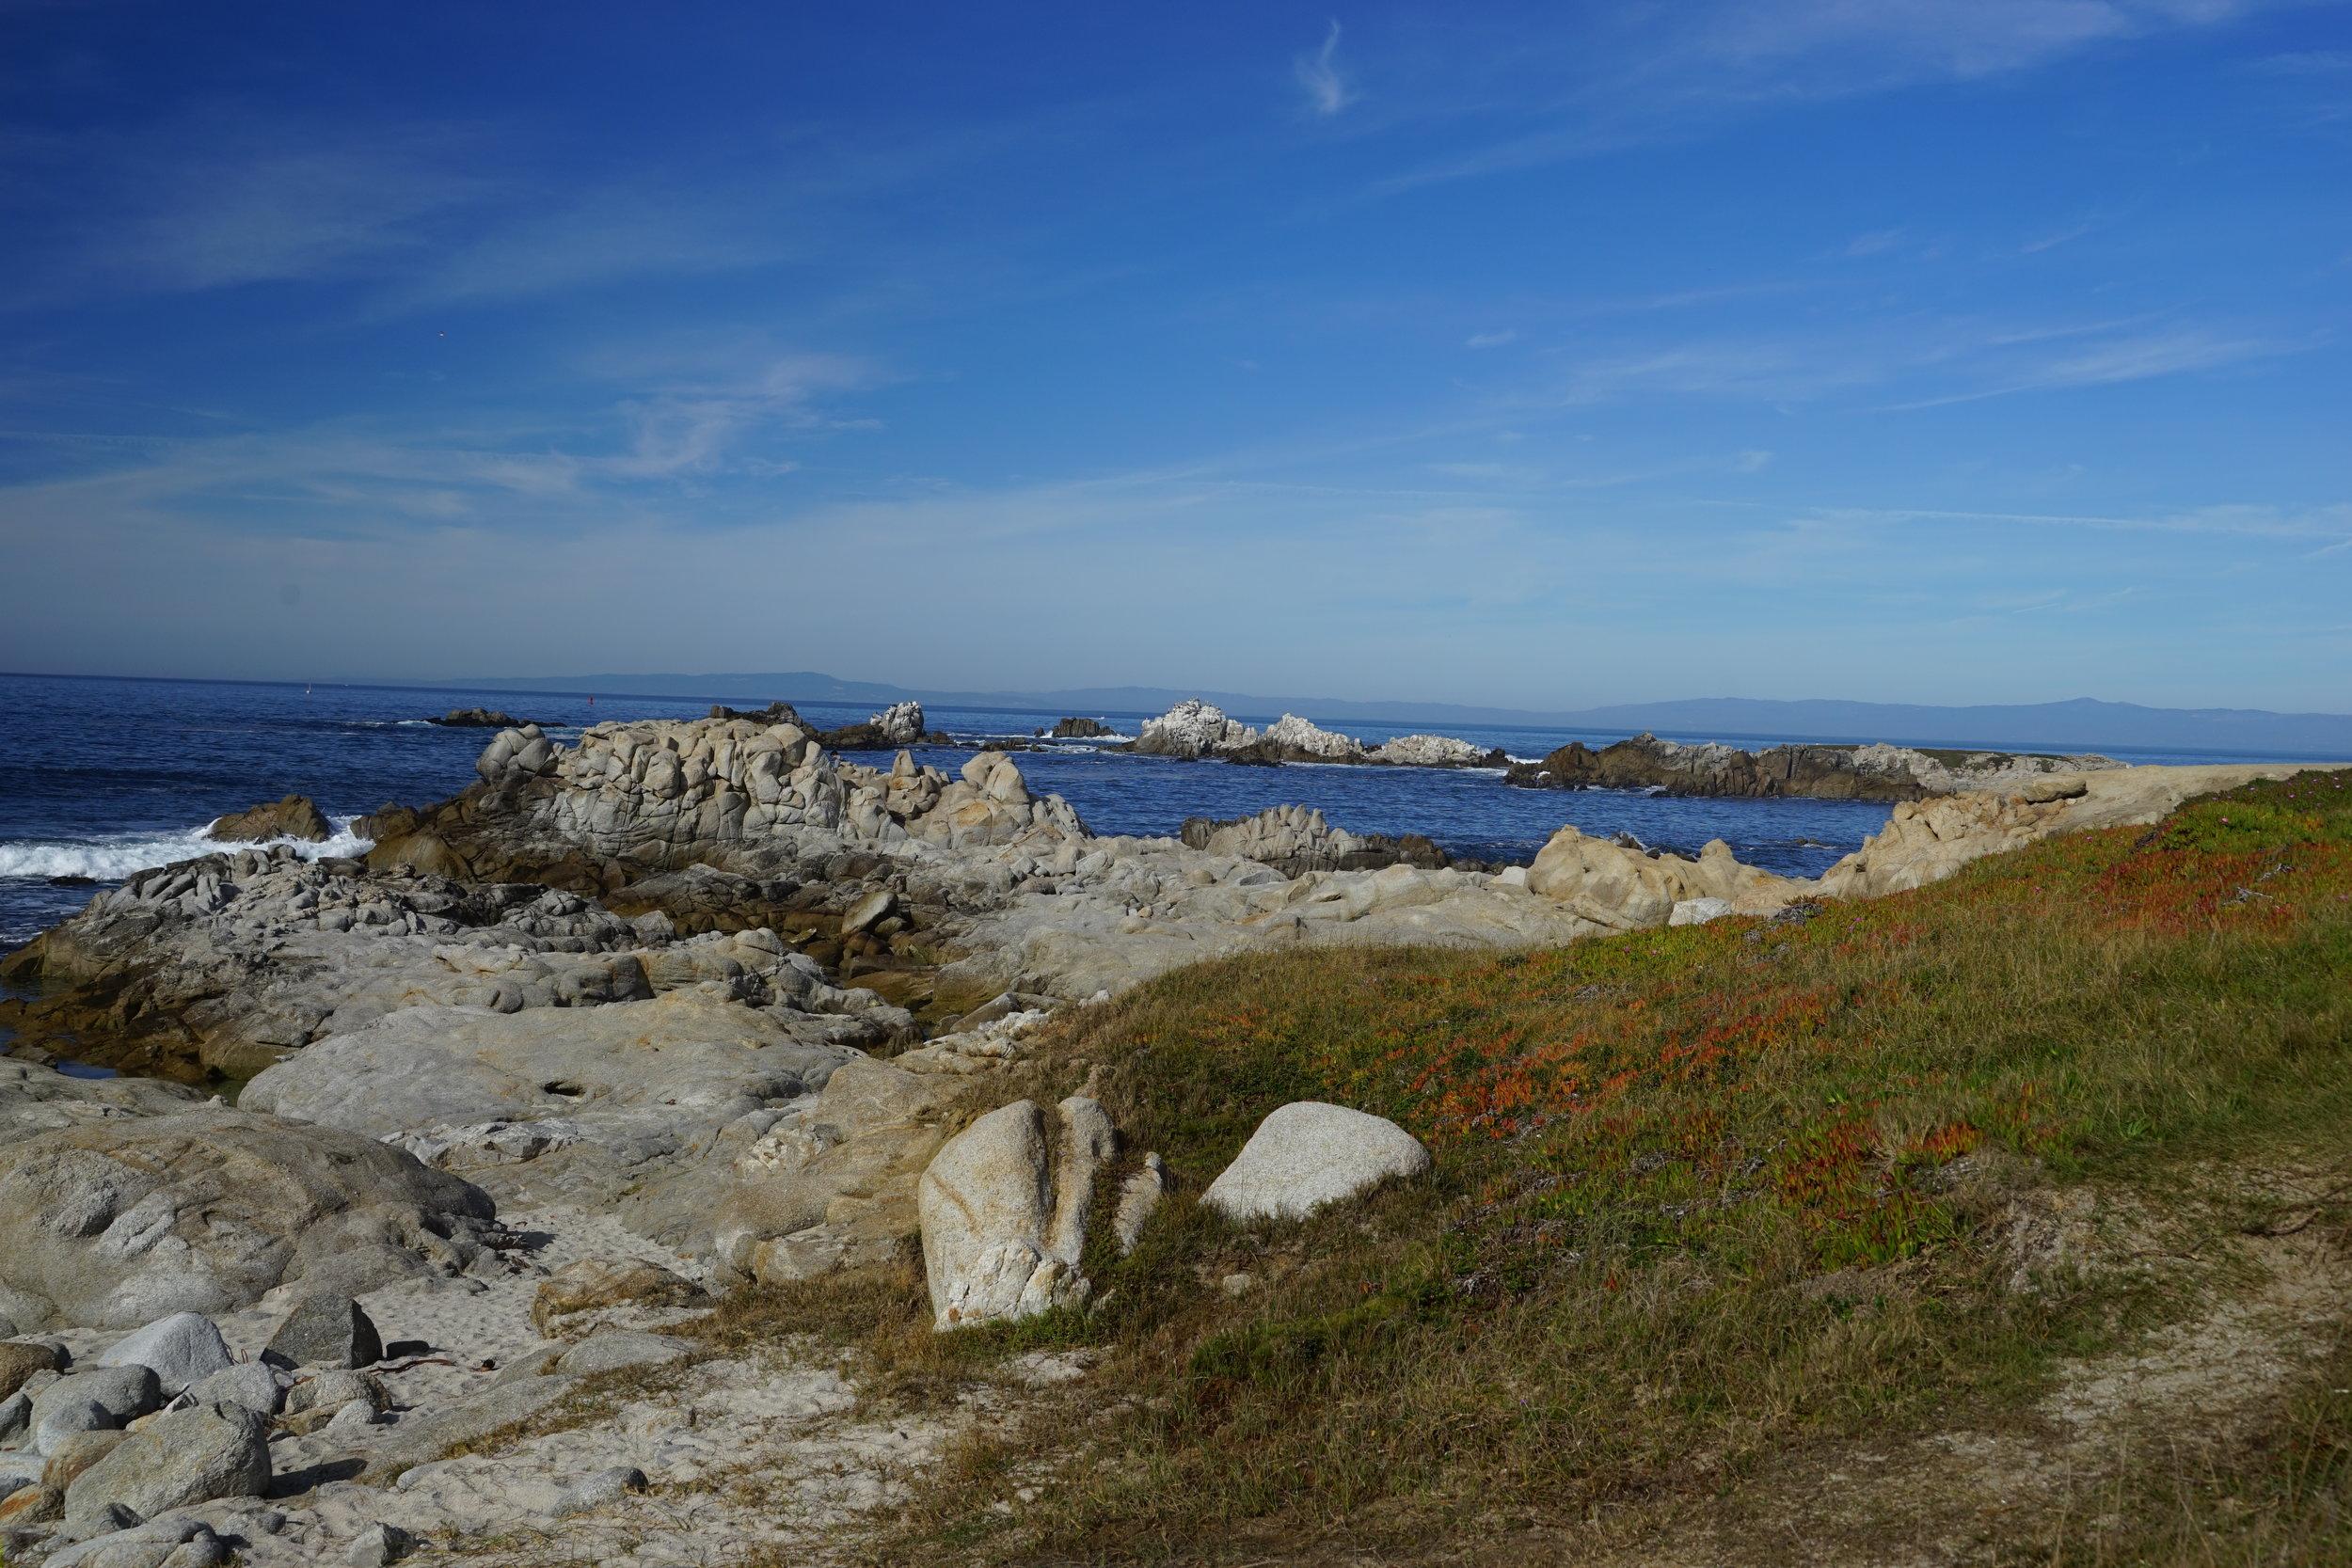 Monterey Bay Recreation Trail